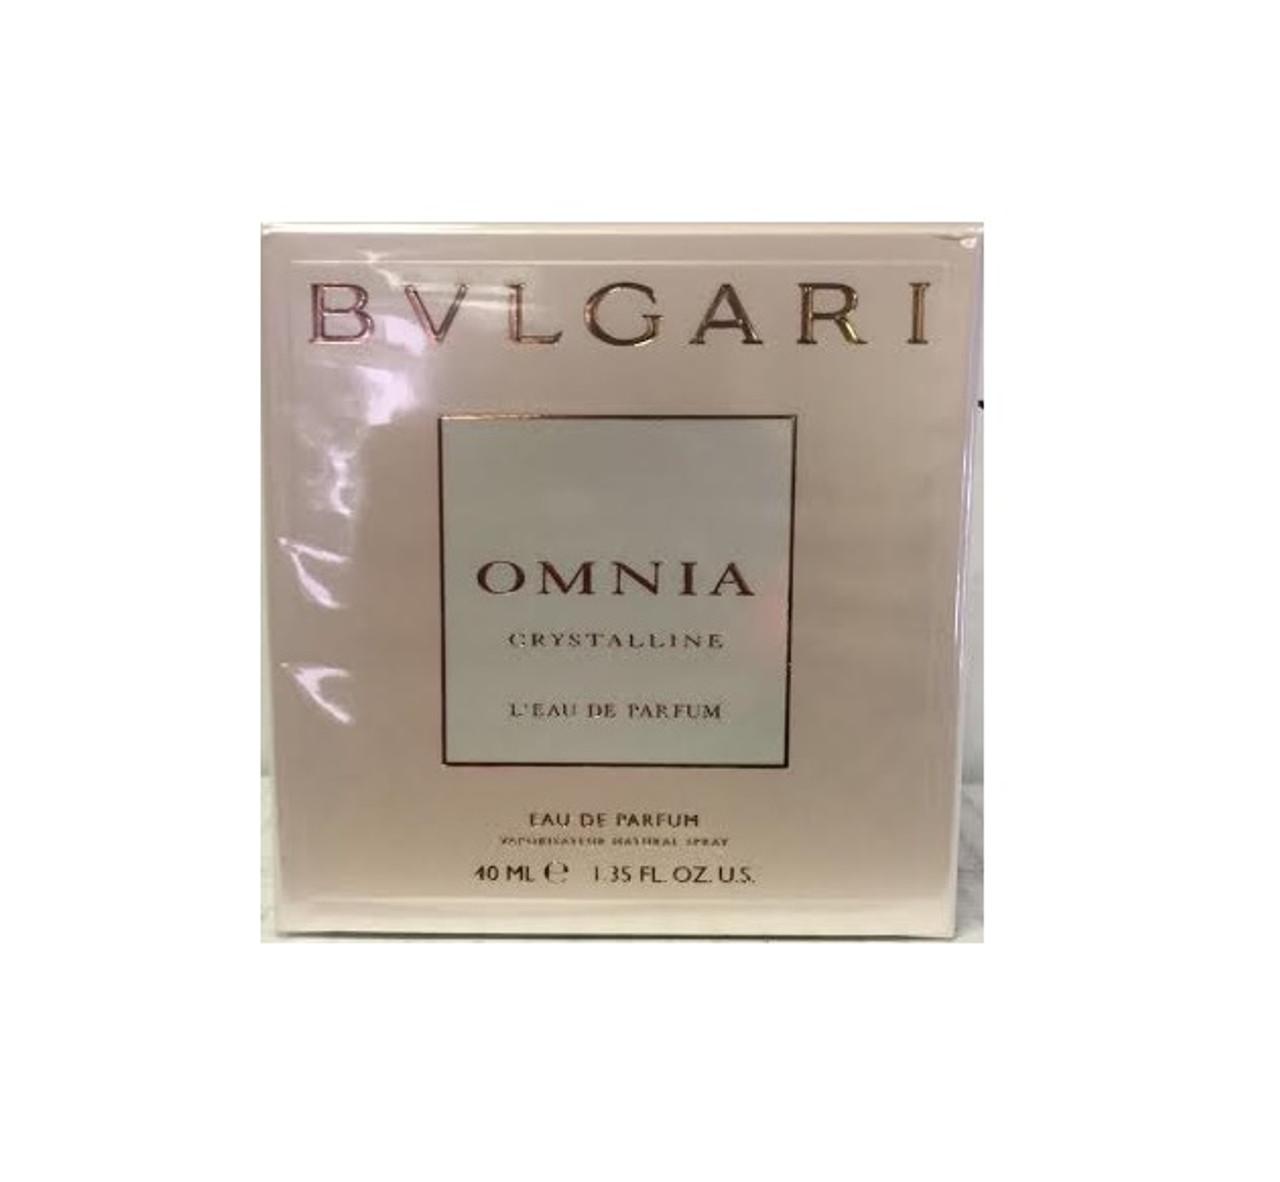 Bvlgari Omnia Crystalline Leau De Parfum Eau De Parfum Spray 135